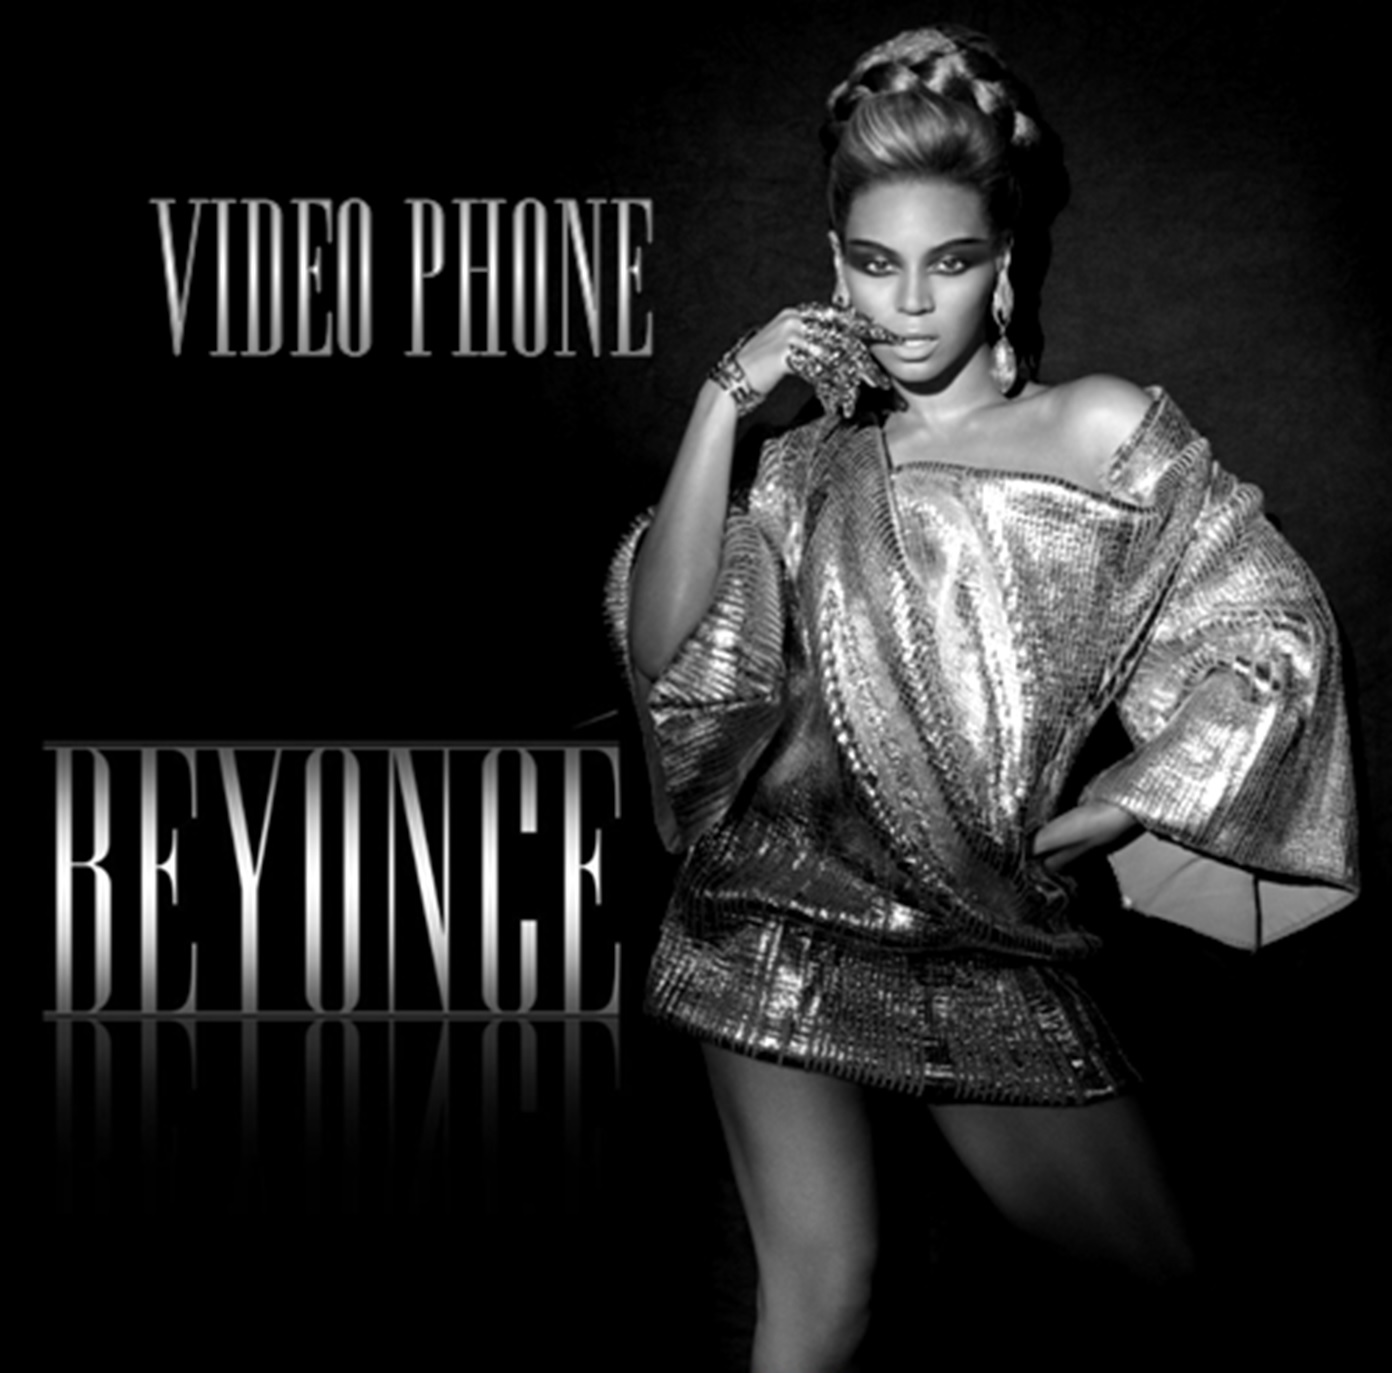 دانلود زیرنویس فارسی فیلم Beyoncé Feat. Lady Gaga: Video Phone